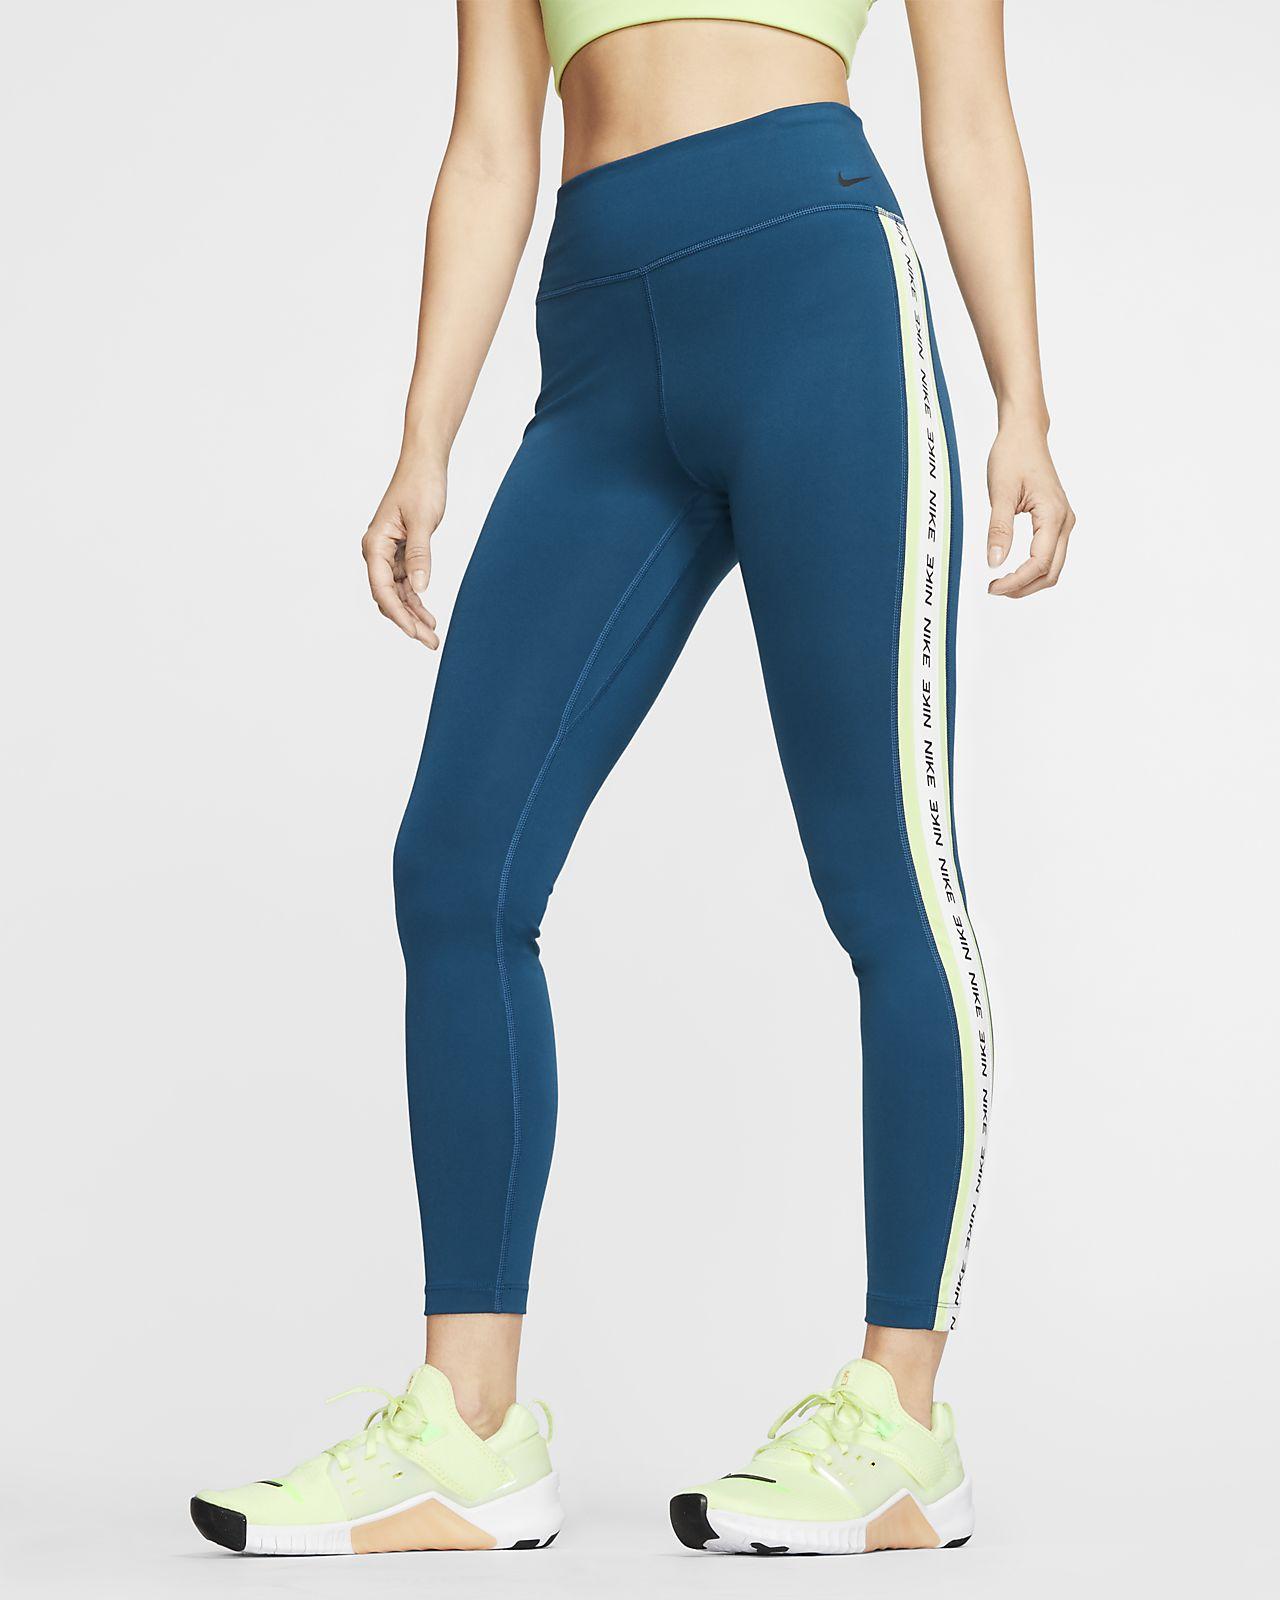 Nike One Damen Tights